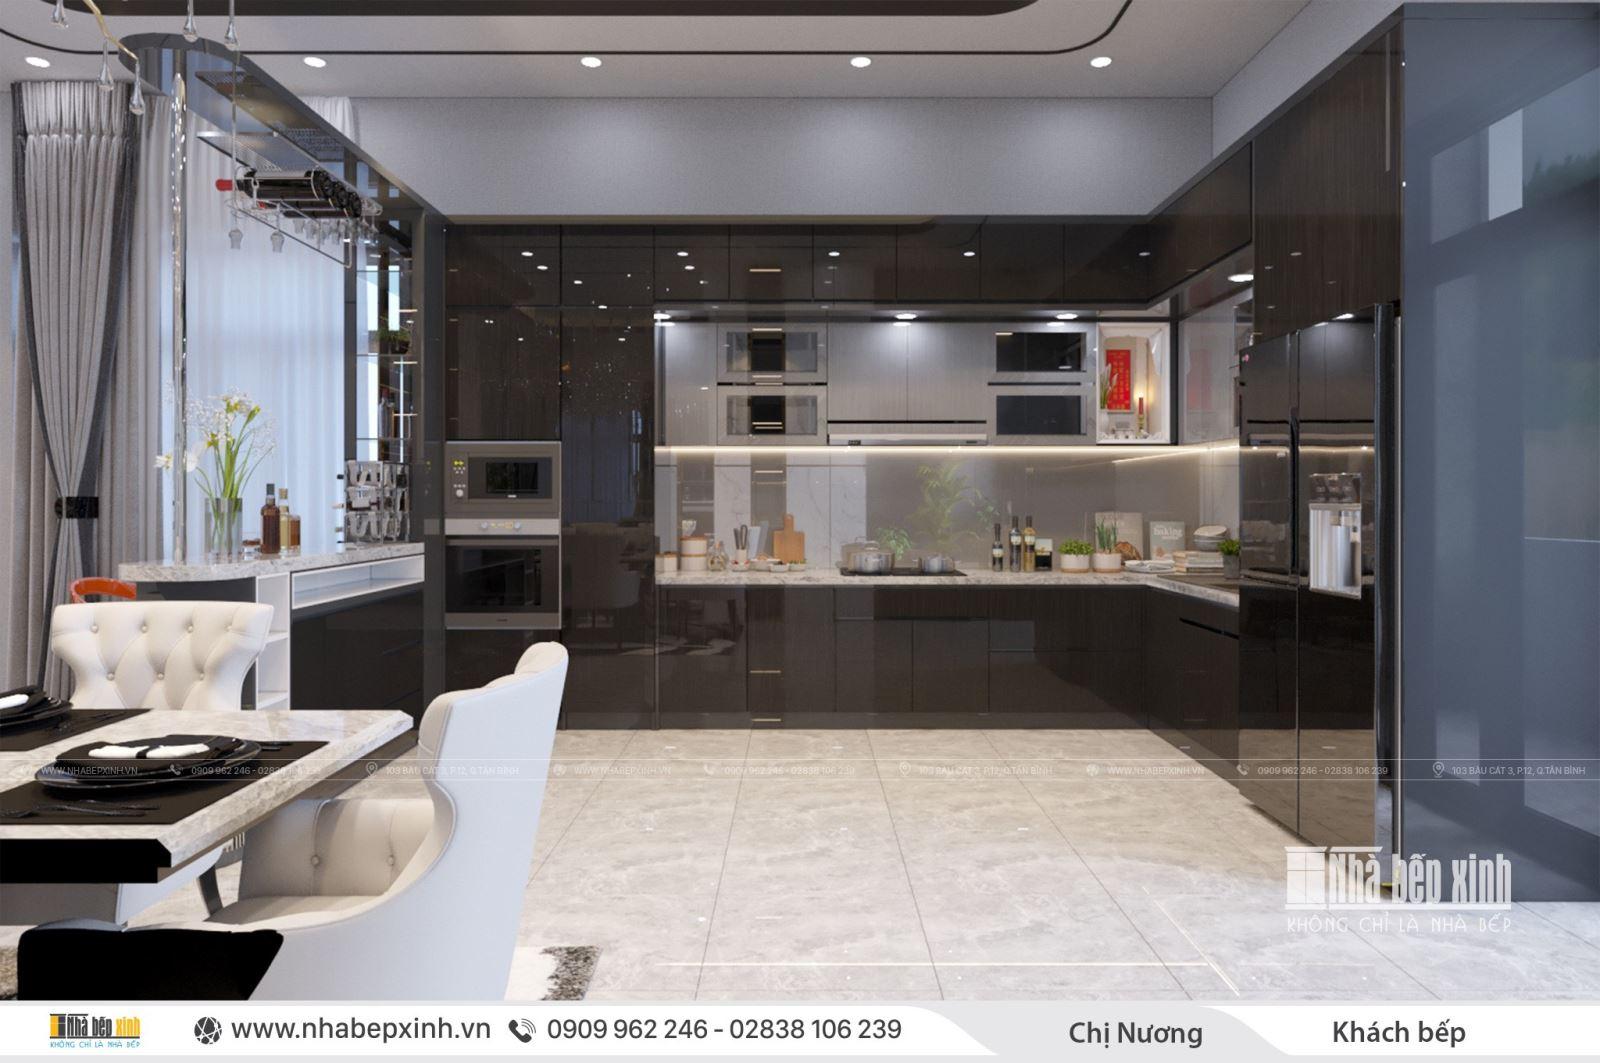 Thiết kế tủ bếp đẹp và sang trọng